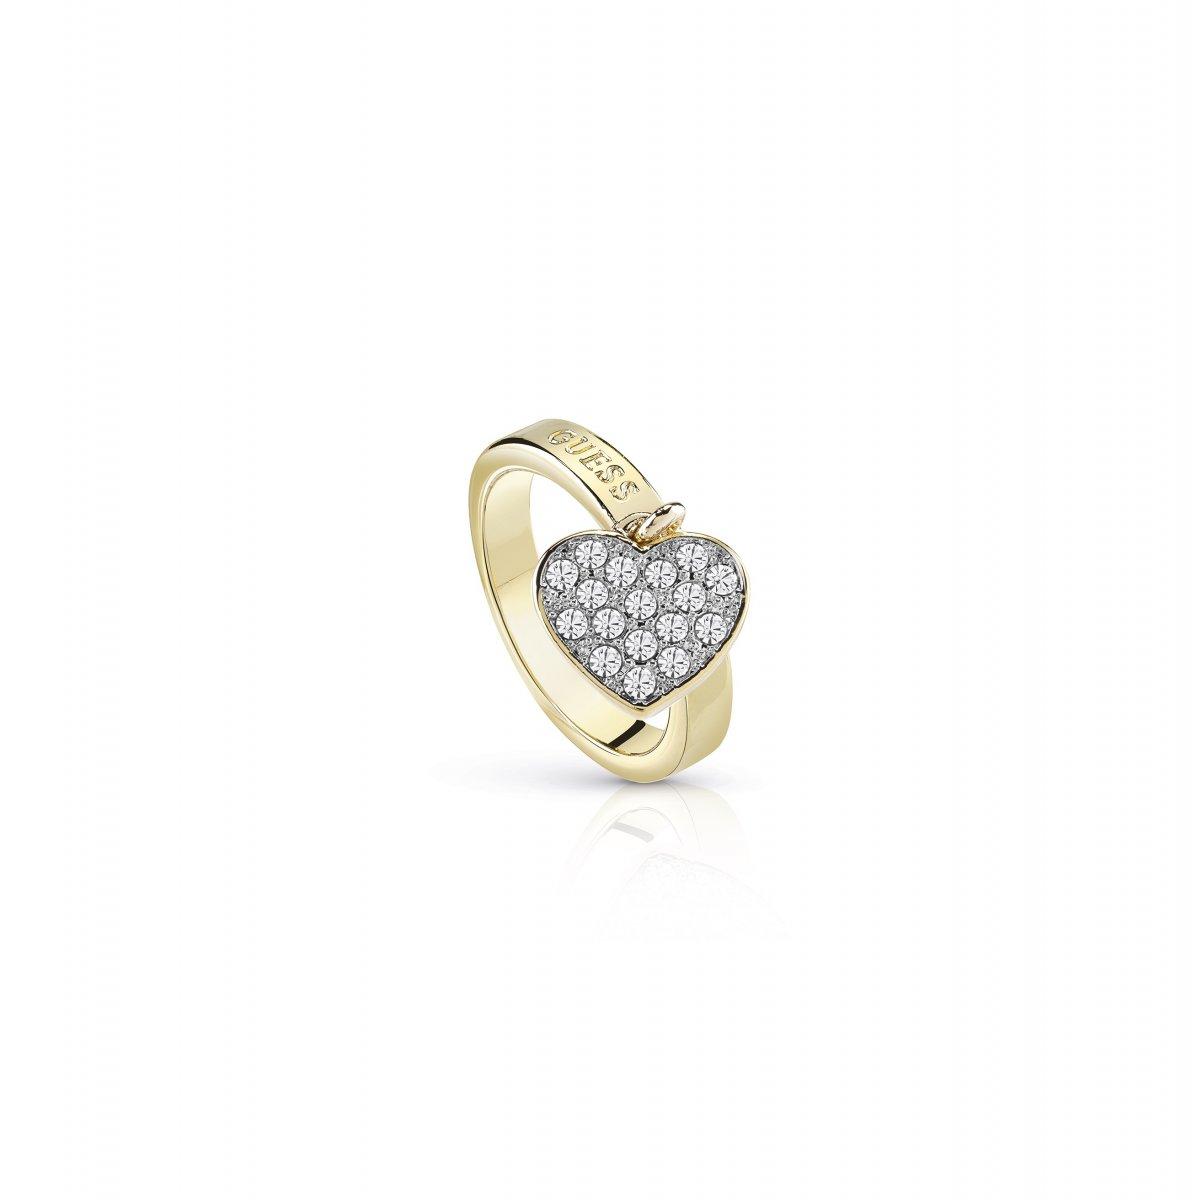 Zlatý prsteň GUESS so srdiečkom